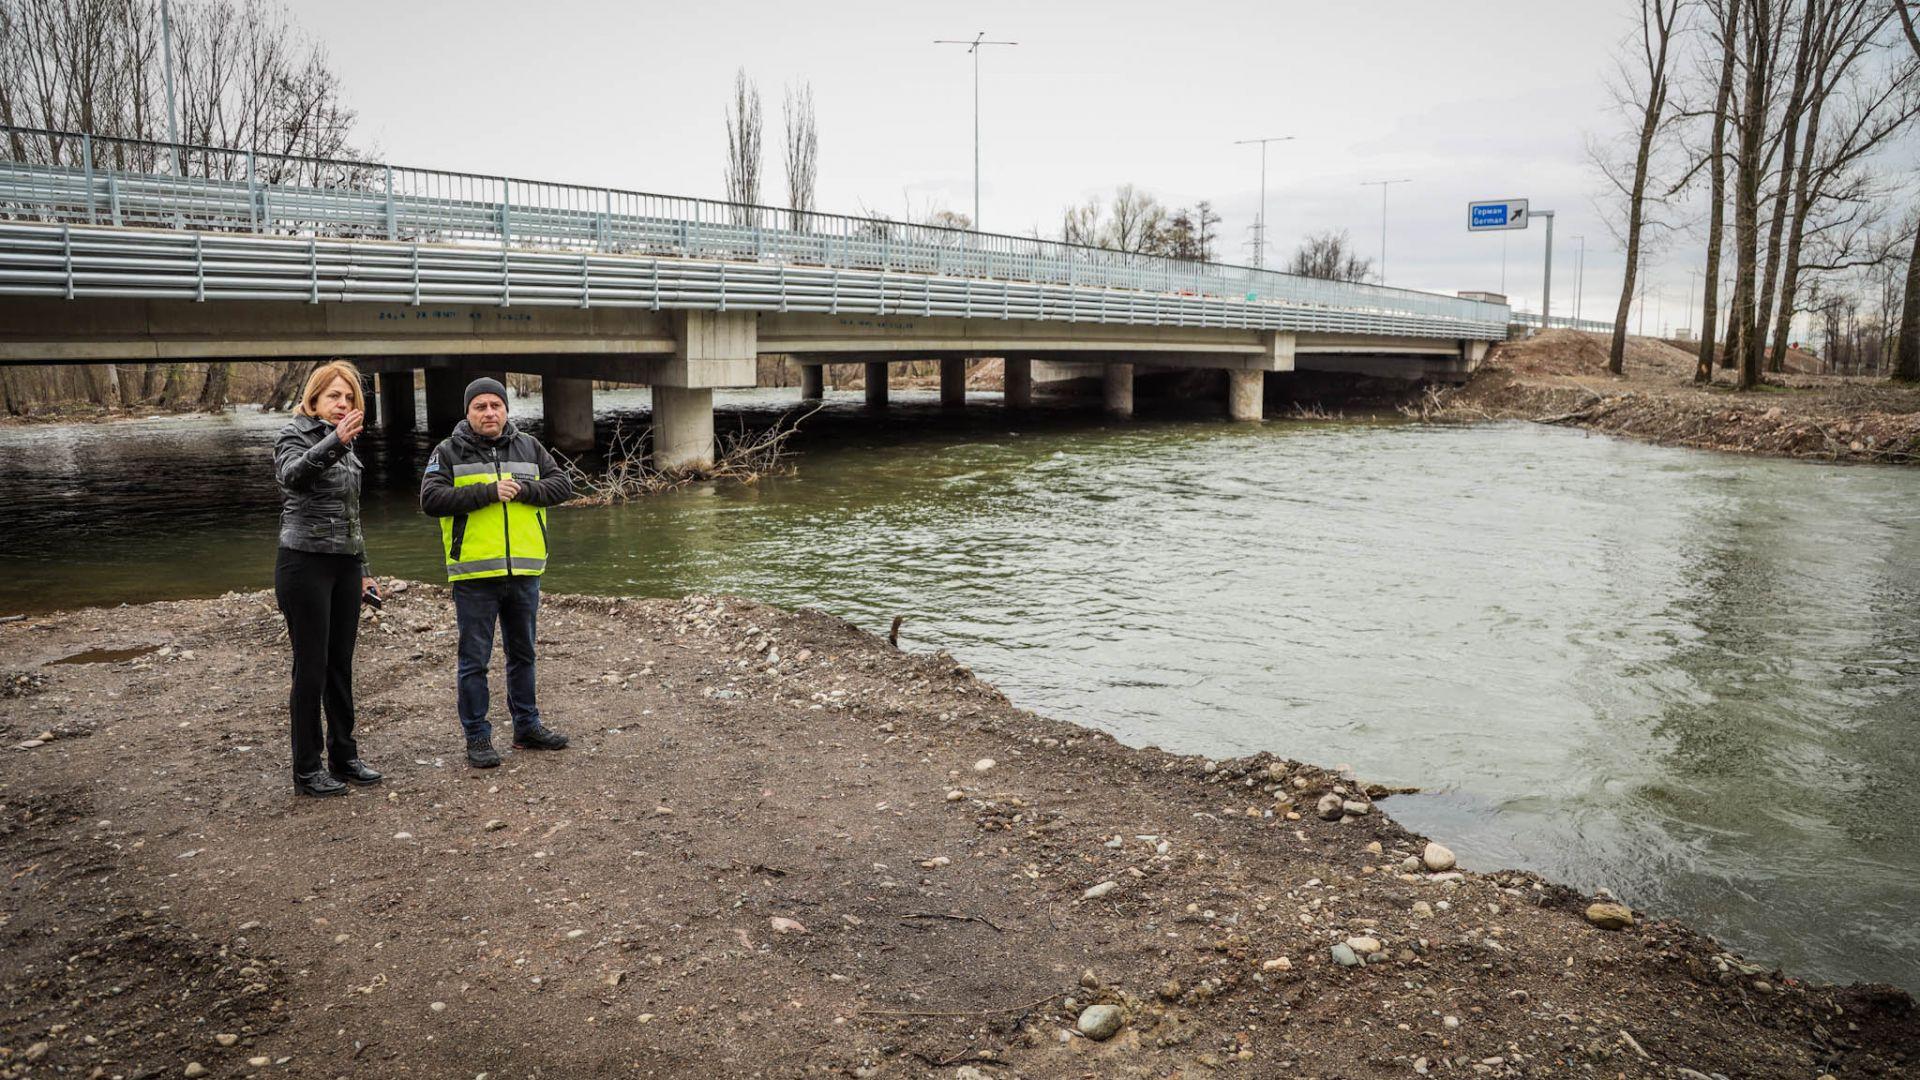 Фандъкова инспектира състоянието и нивото на река Искър (снимки)